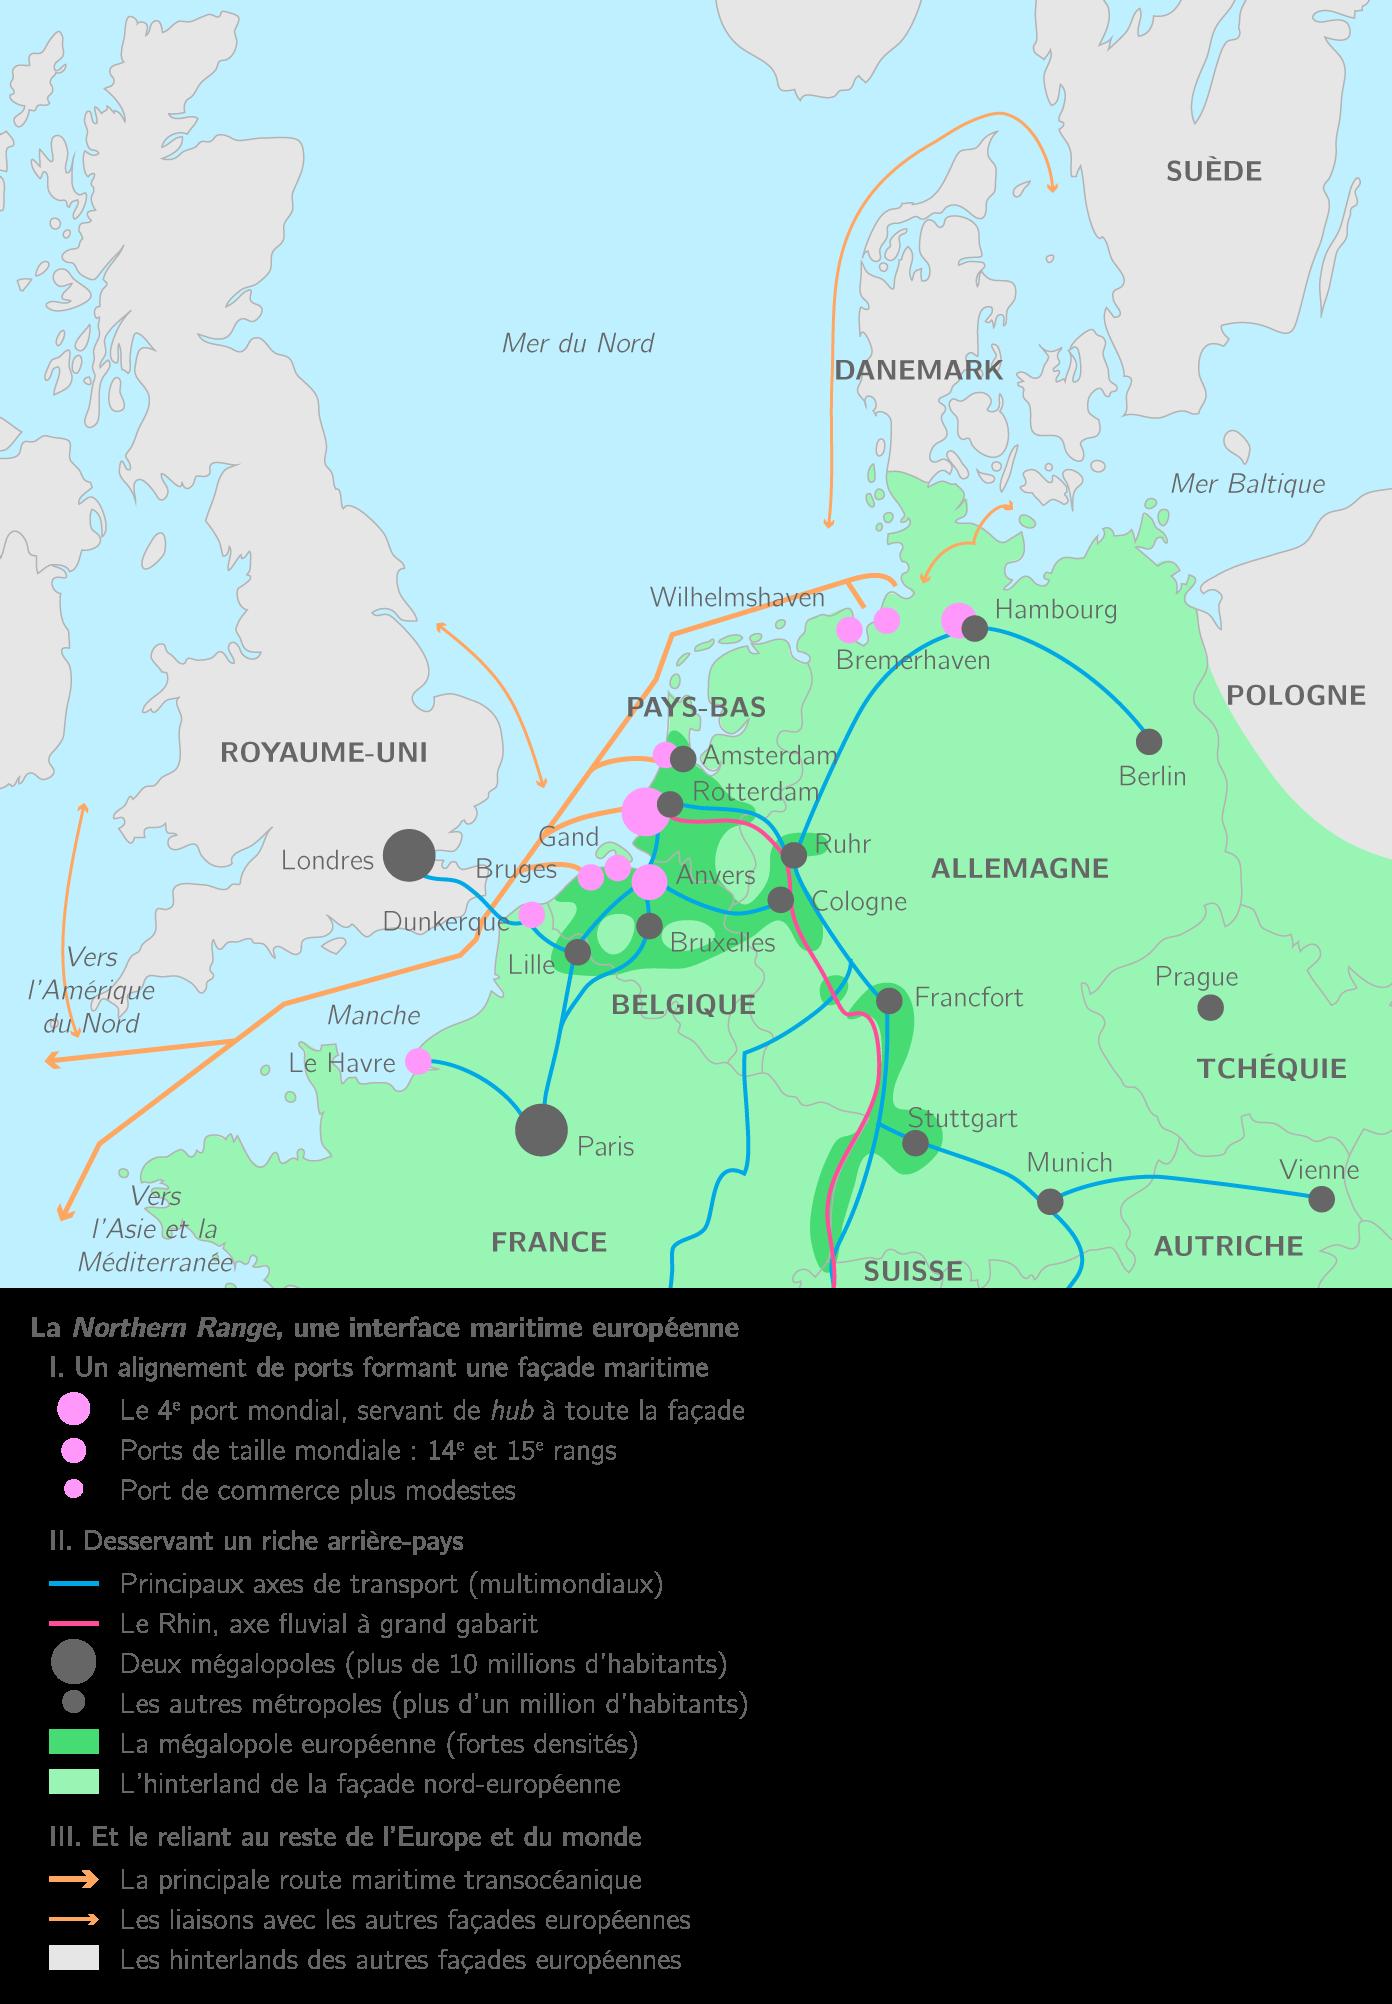 Schéma de la Northern Range